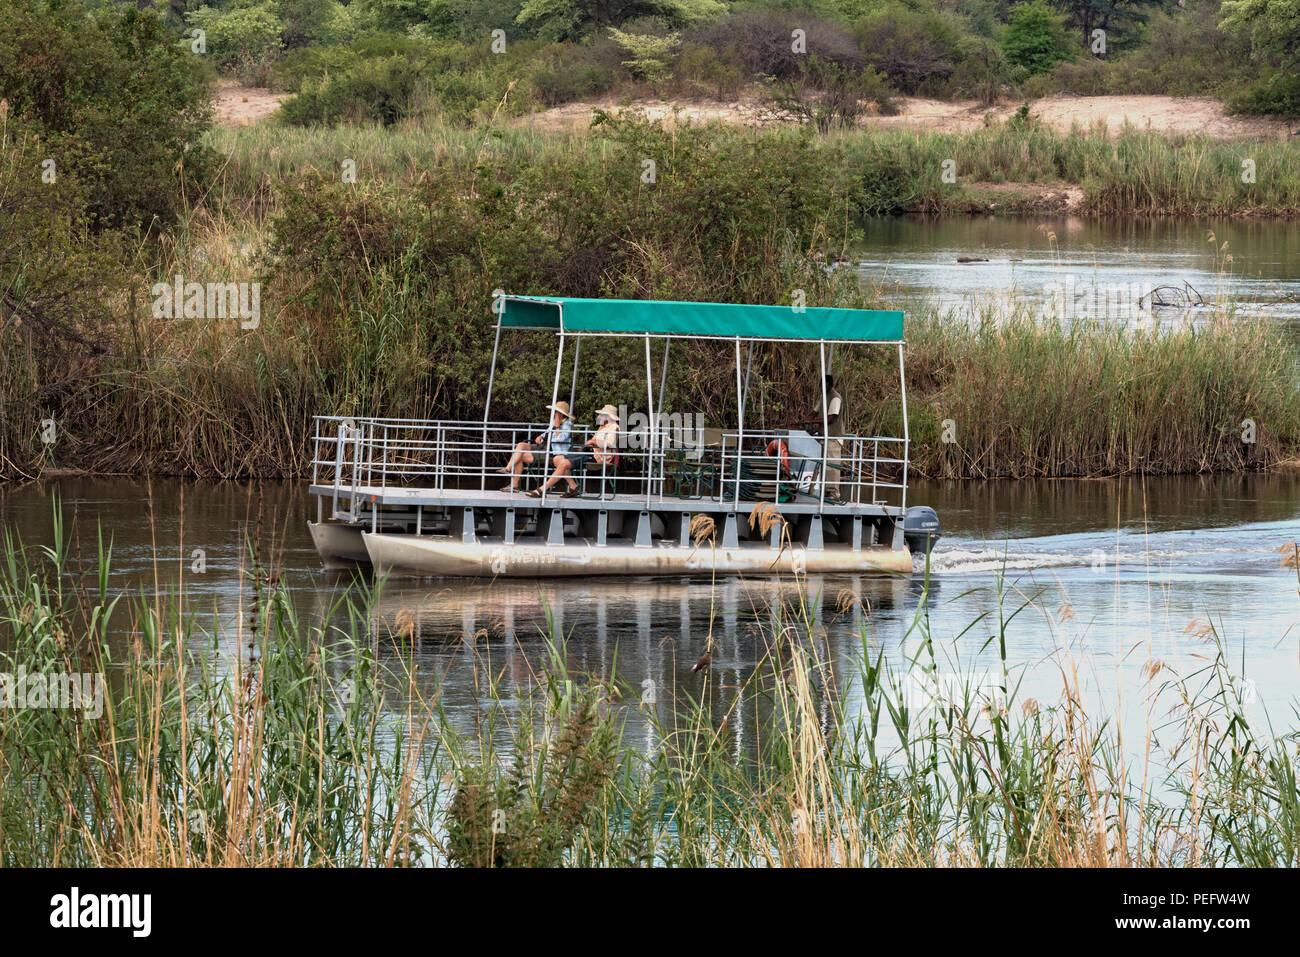 Barco turístico en el río Okavango, en Namibia. Imagen De Stock